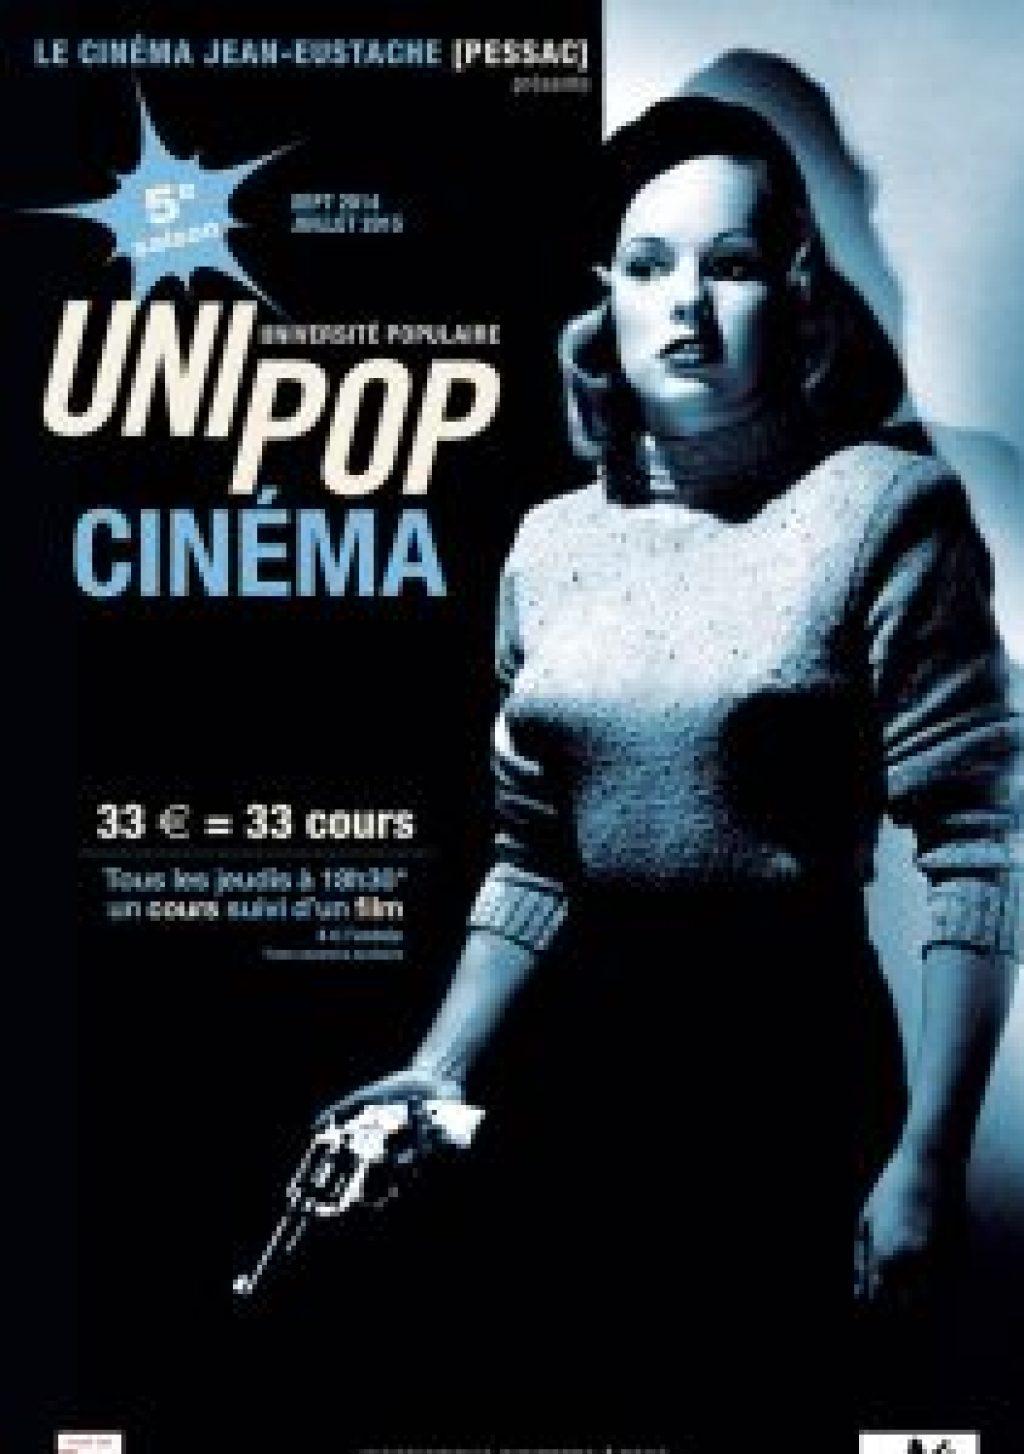 Unipop Unipop cinéma 2014-2015